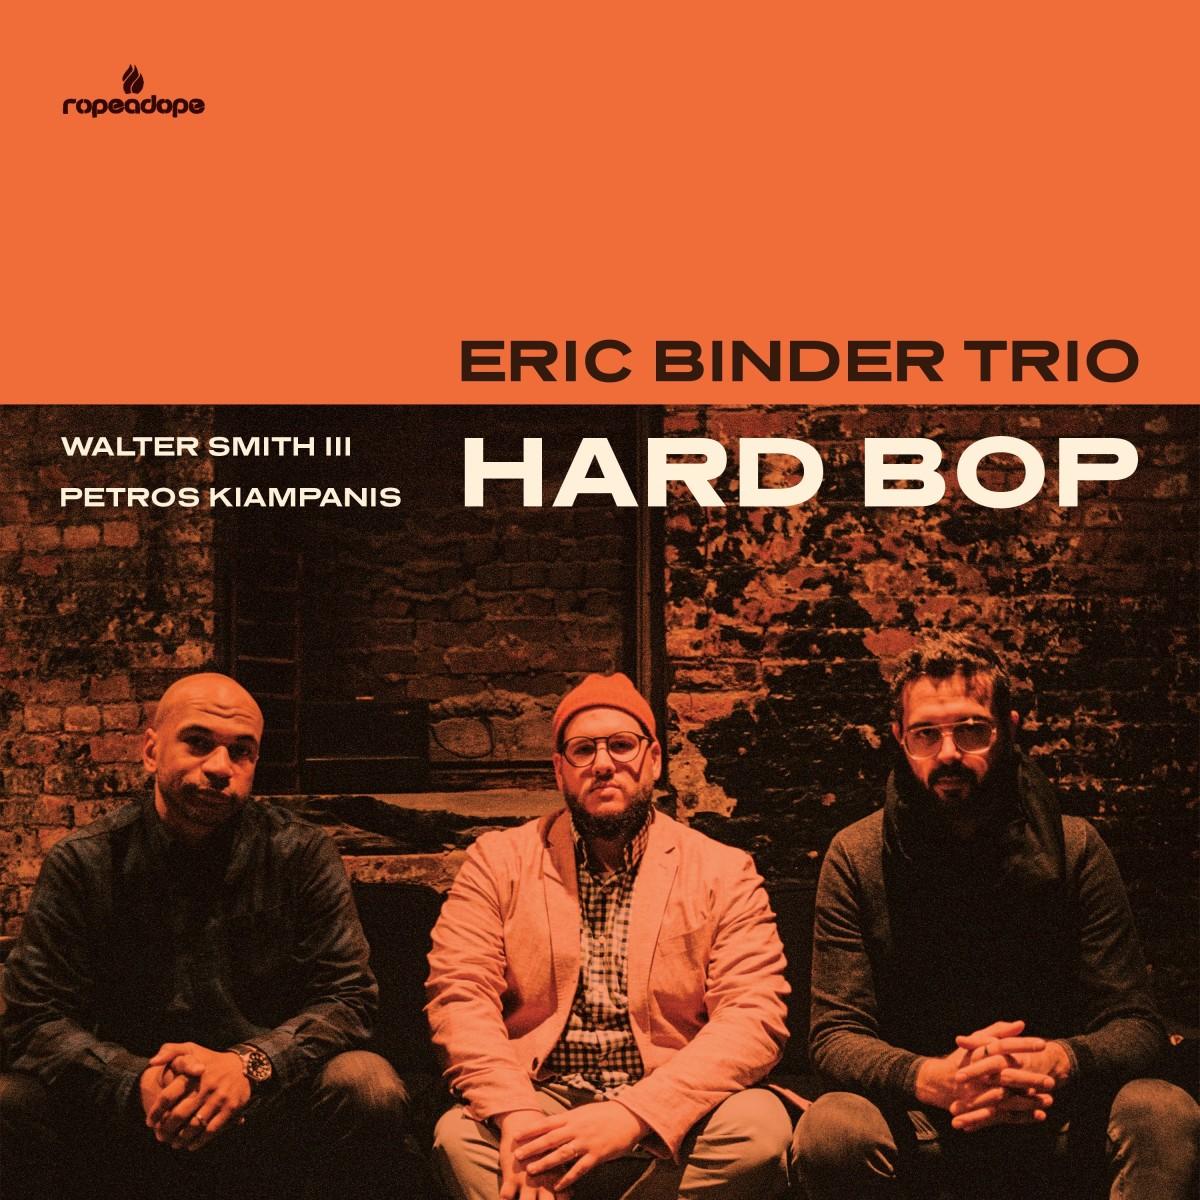 Eric Binder Trio